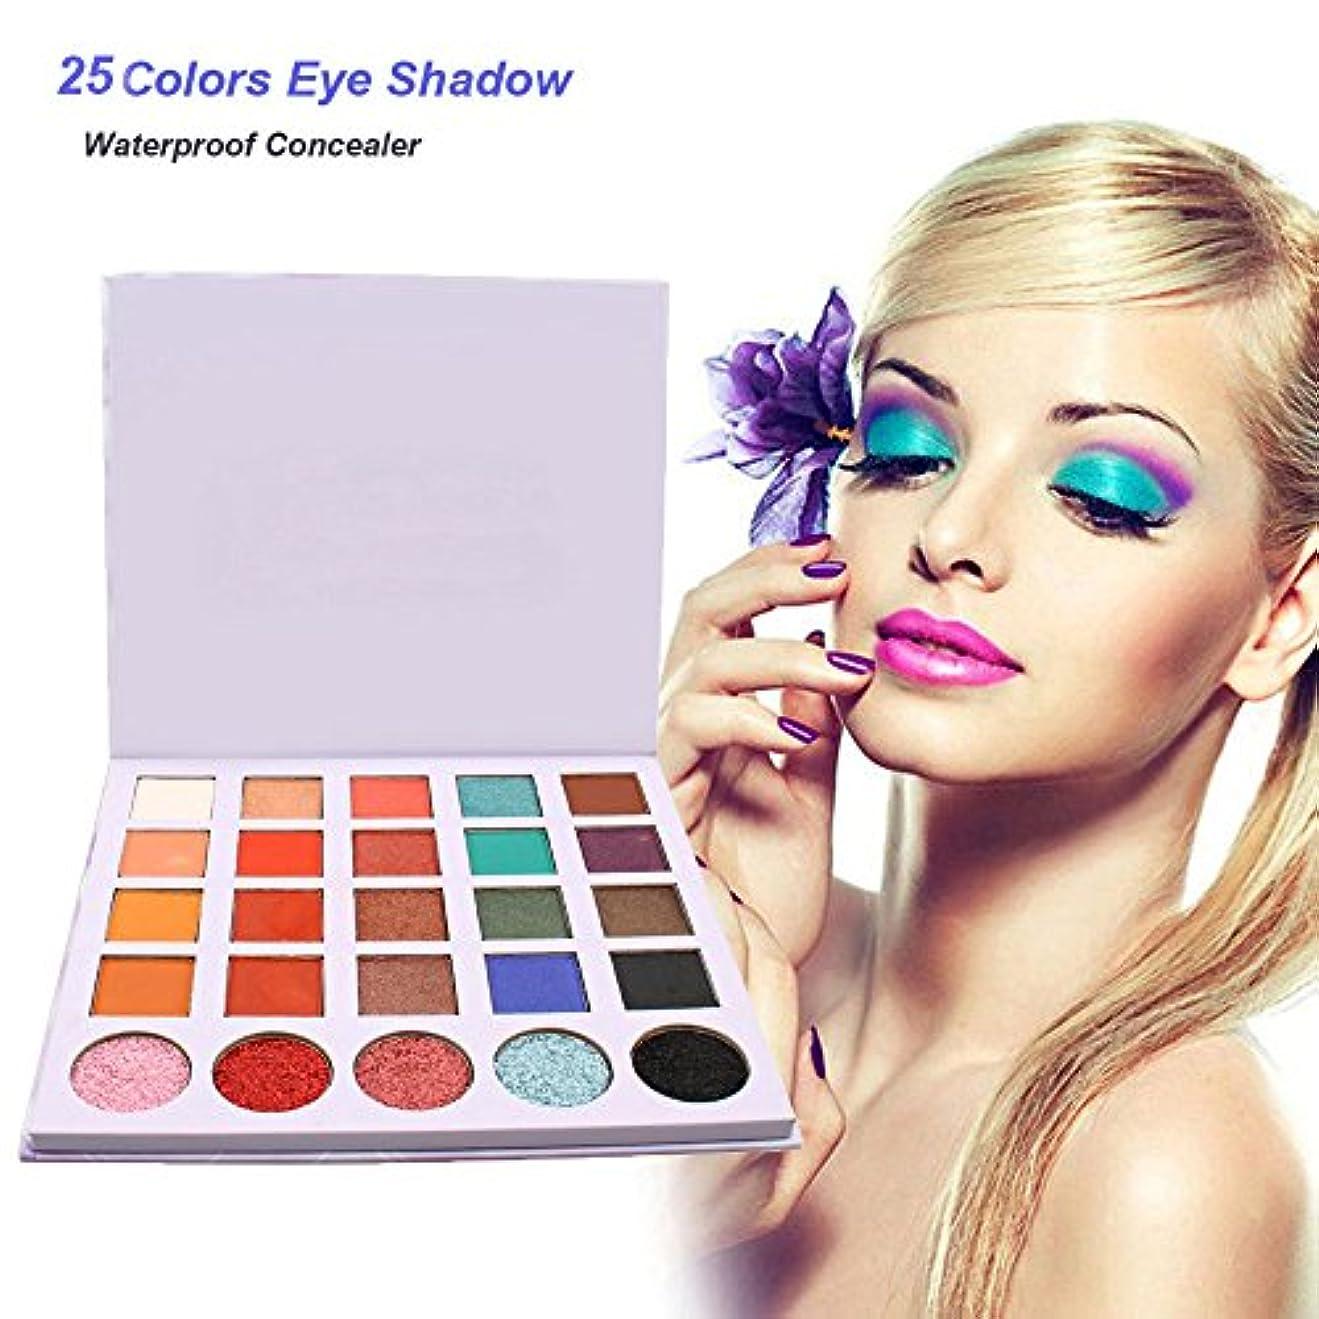 技術的な割合眉をひそめるAkane アイシャドウパレット 人気 綺麗 つや消し 防水 チャーム ライトパープル キラキラ 魅力的 マット 長持ち おしゃれ 持ち便利 激安 Eye Shadow (25色) P25-10#